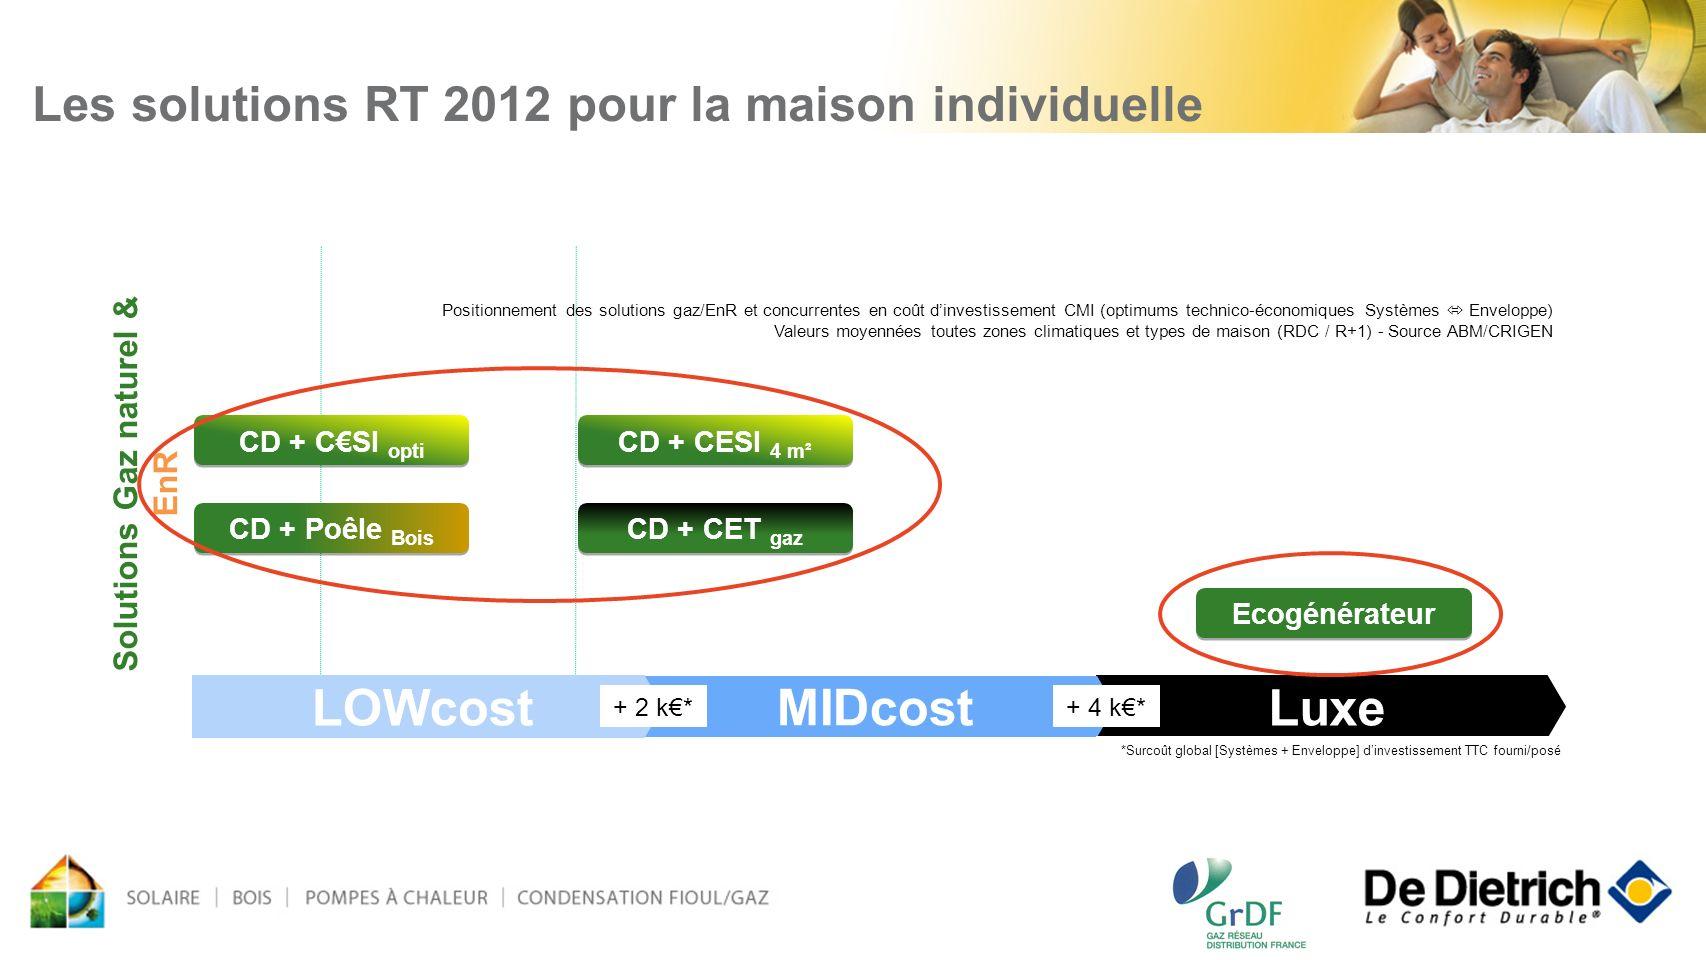 Luxe MIDcost 48 LOWcost Solutions Gaz naturel & EnR + 2 k*+ 4 k* CD + CSI opti CD + CESI 4 m² CD + Poêle Bois CD + CET gaz Ecogénérateur *Surcoût glob